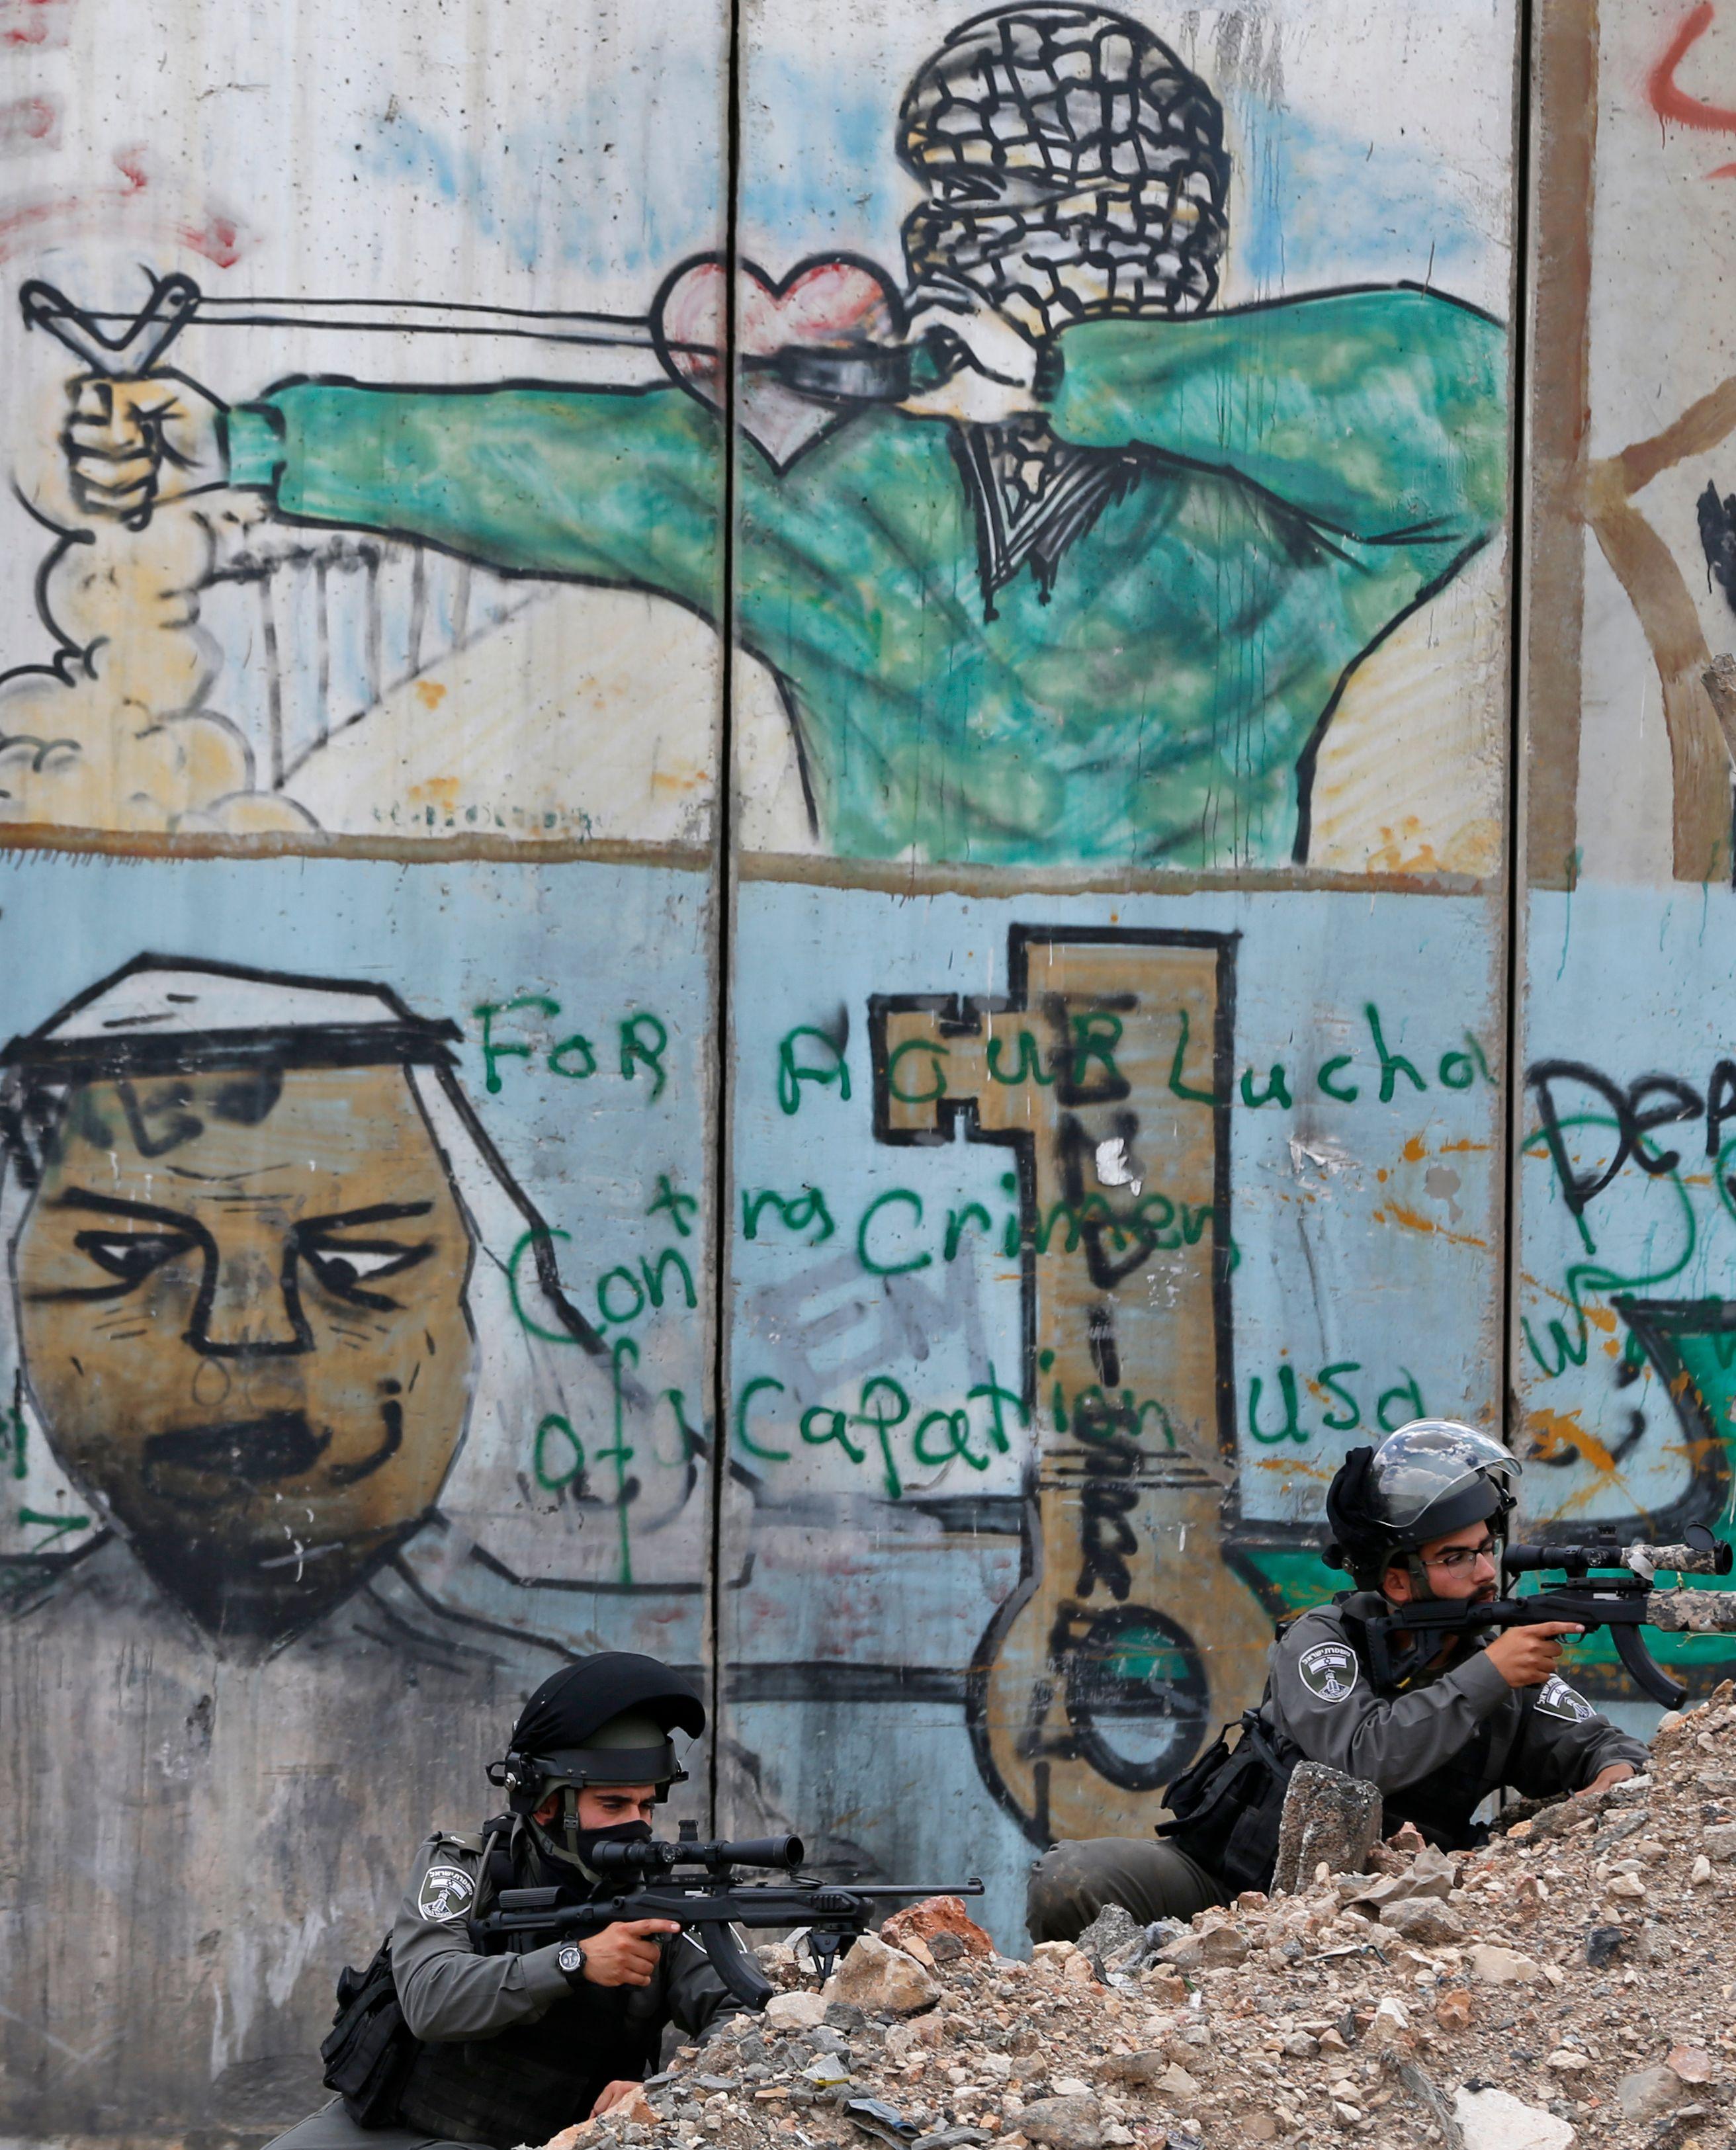 قناصة إسرائيليين يطلقون الرصاص على متظاهرين فلسطينيين